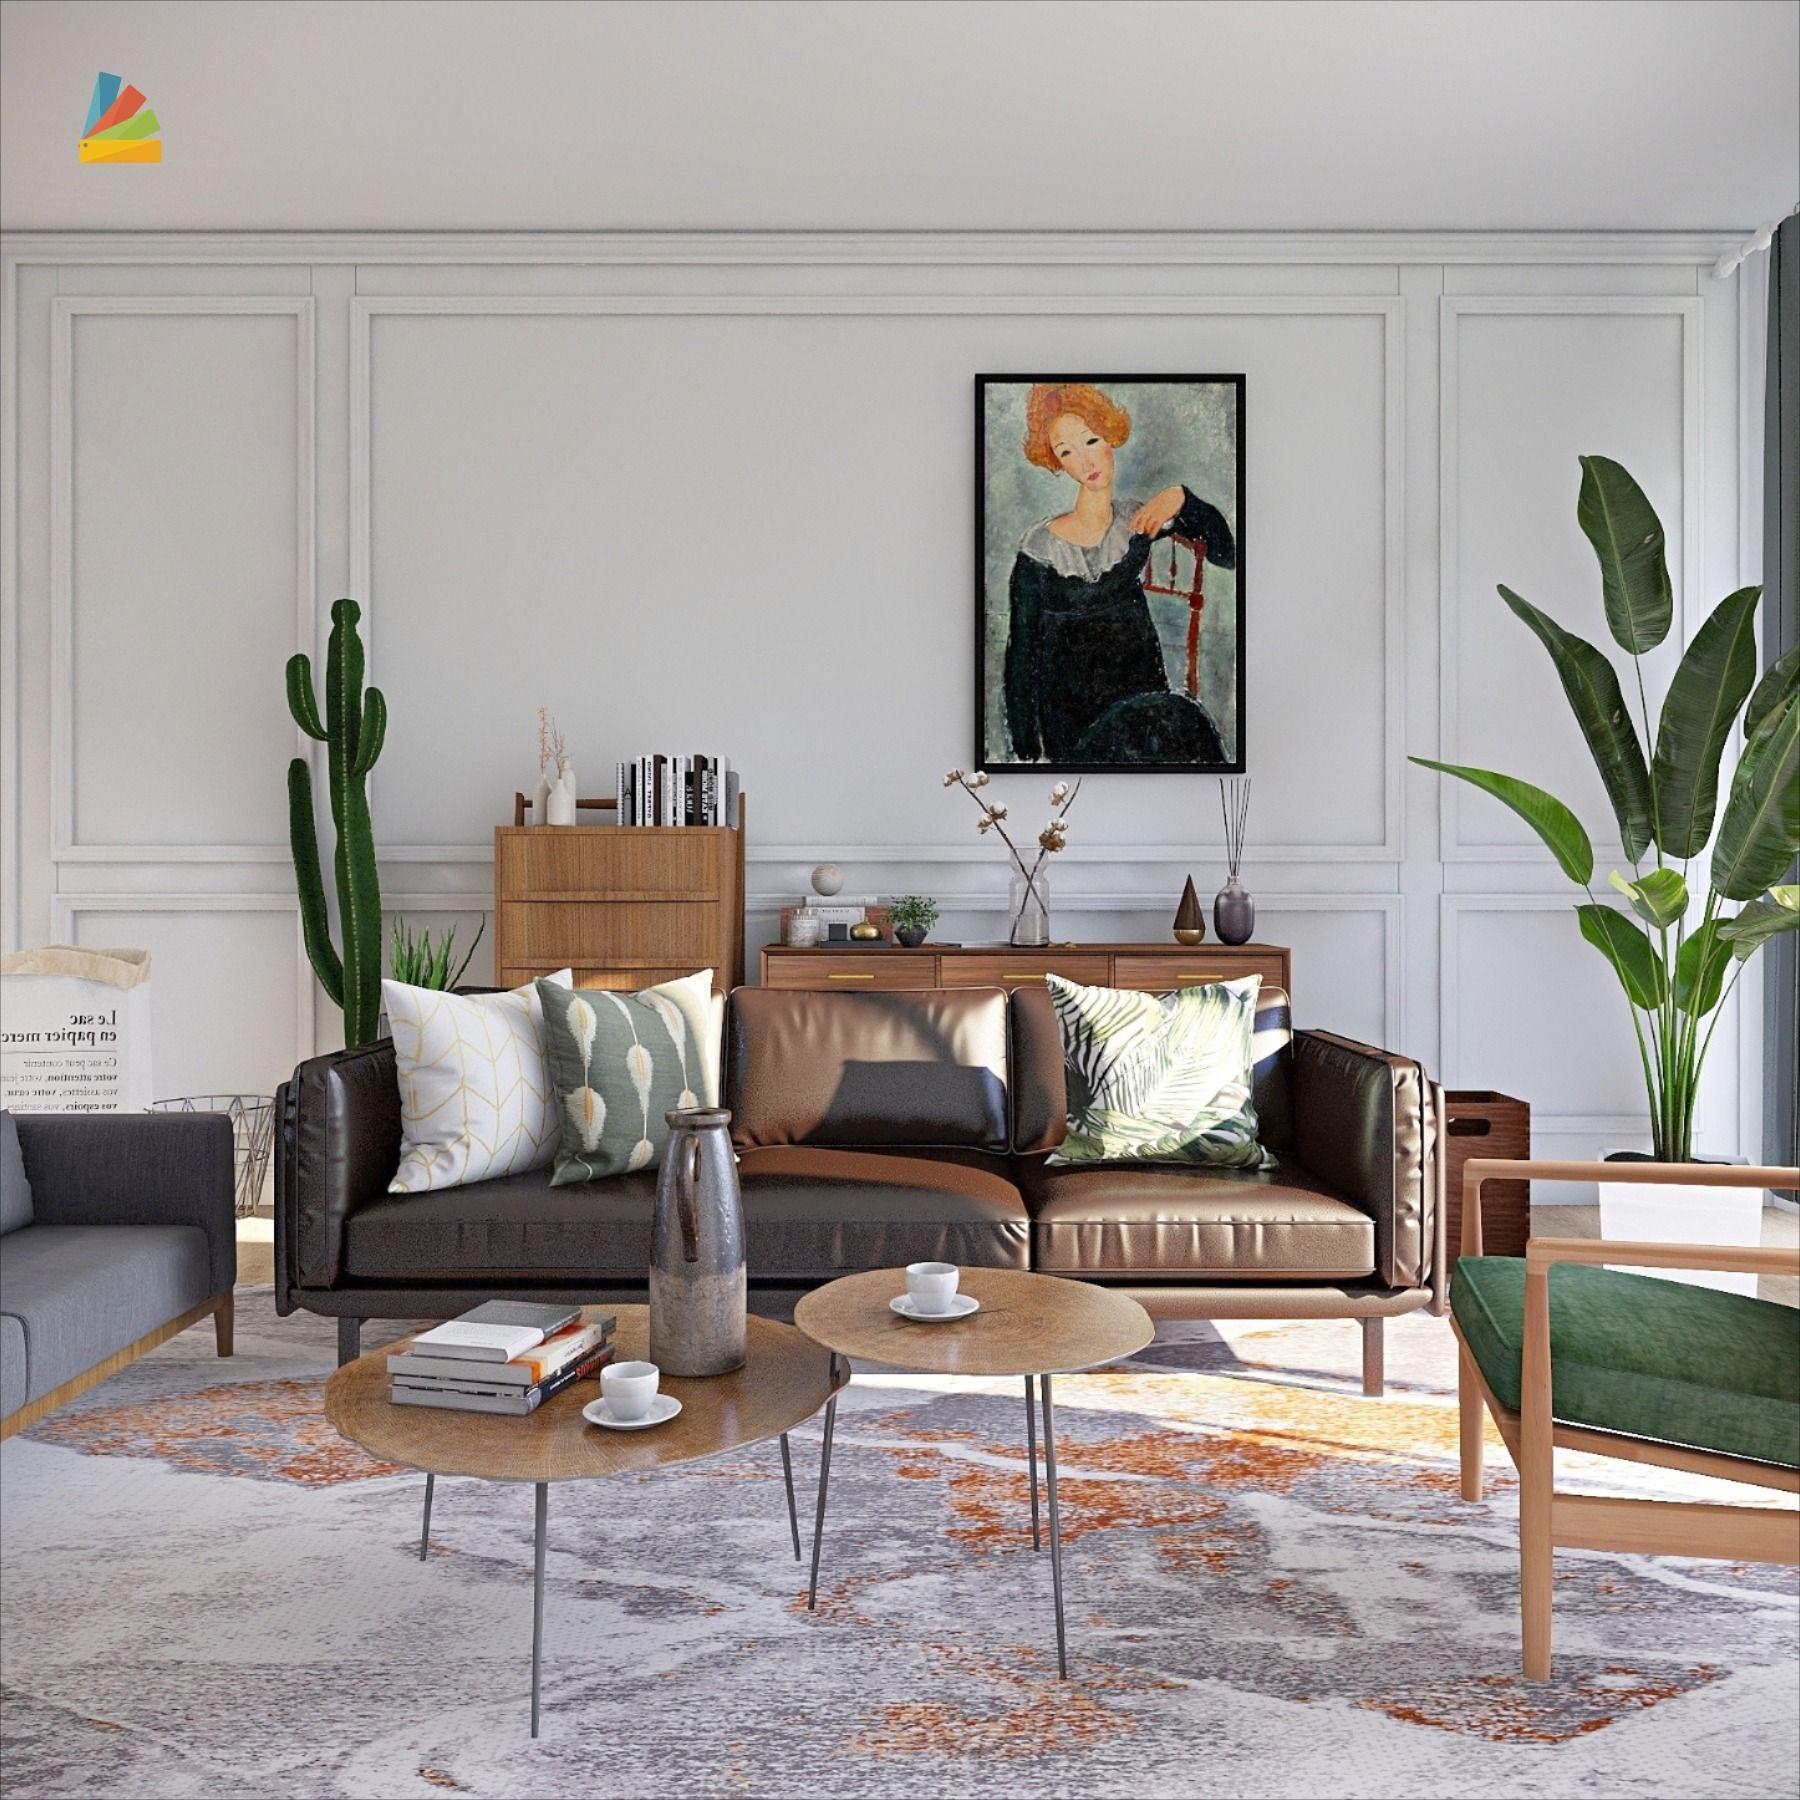 Living Room Decor Home Design Software 3d Home Design Software Design Your Dream House